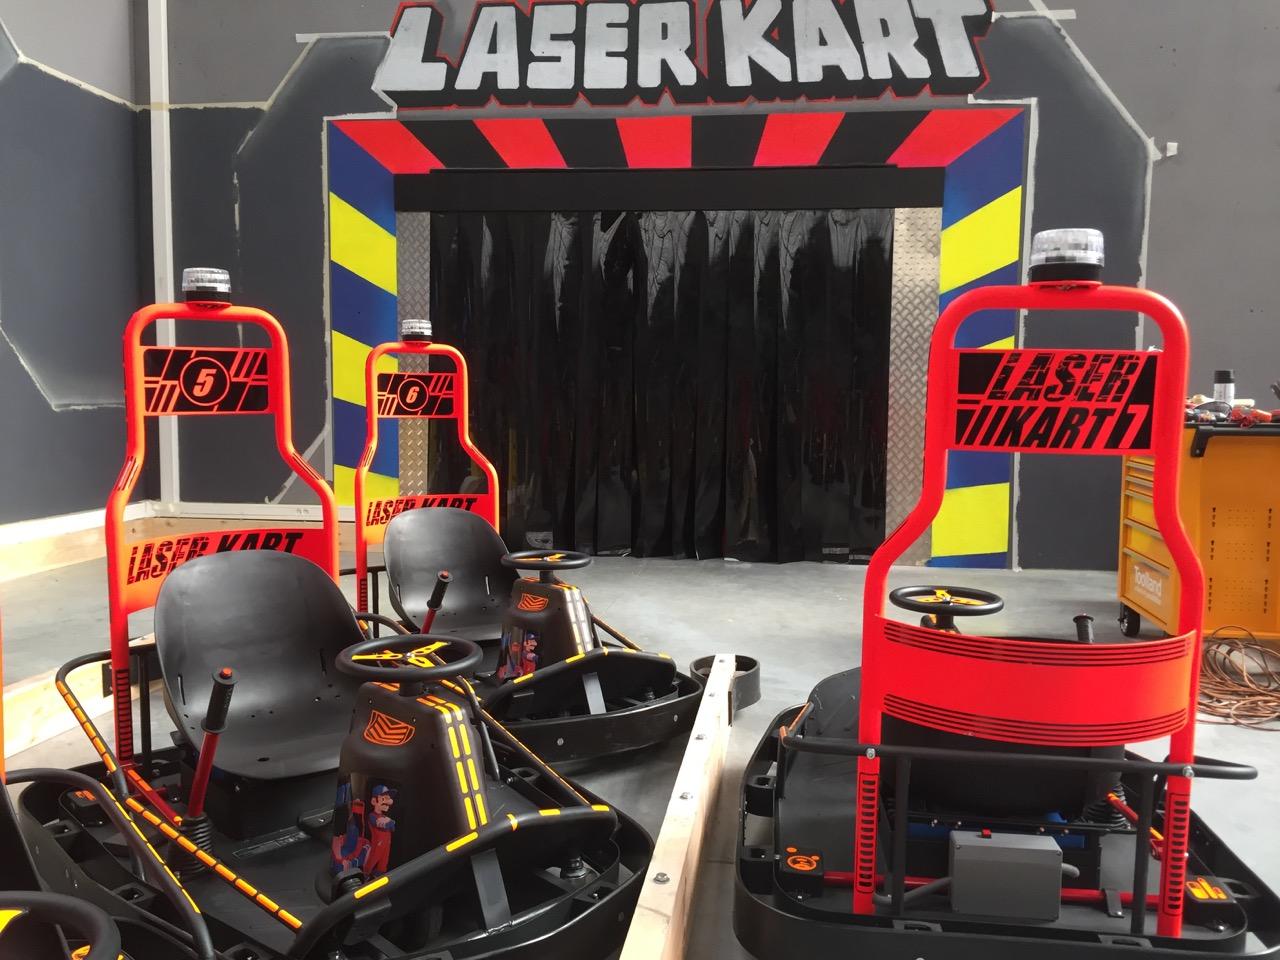 Laser kart réalisation